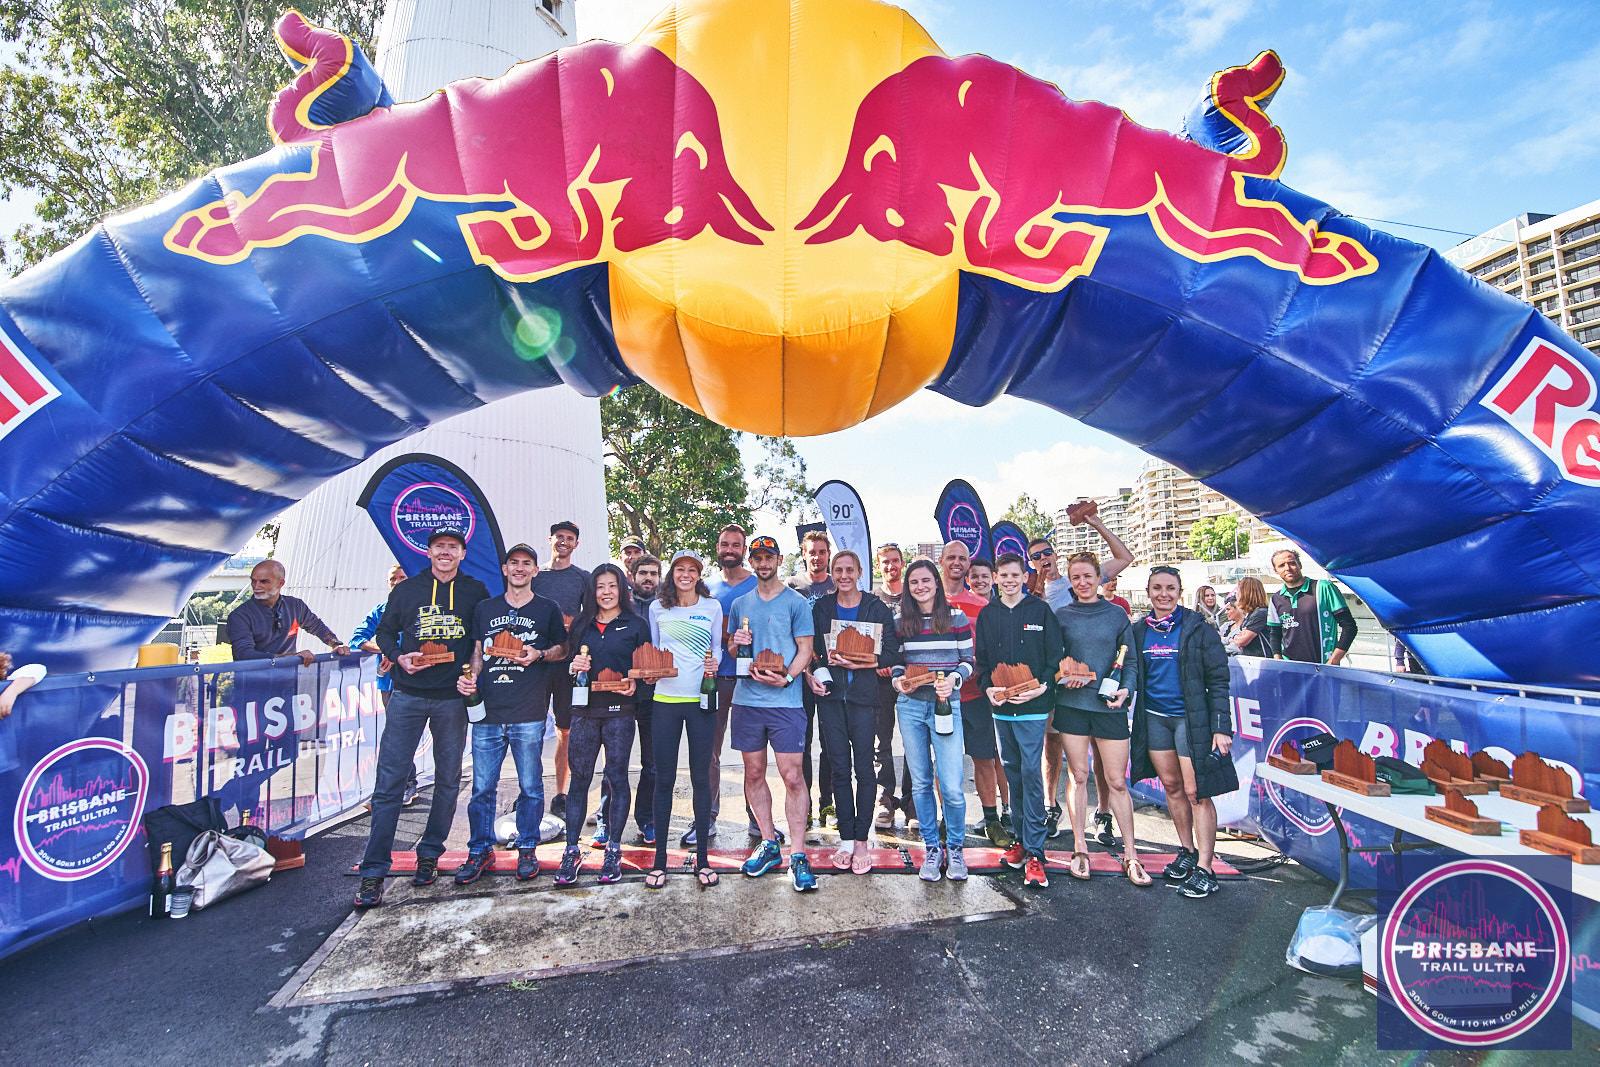 Brisbane Trail Ultra Red Bull Finishline.jpg